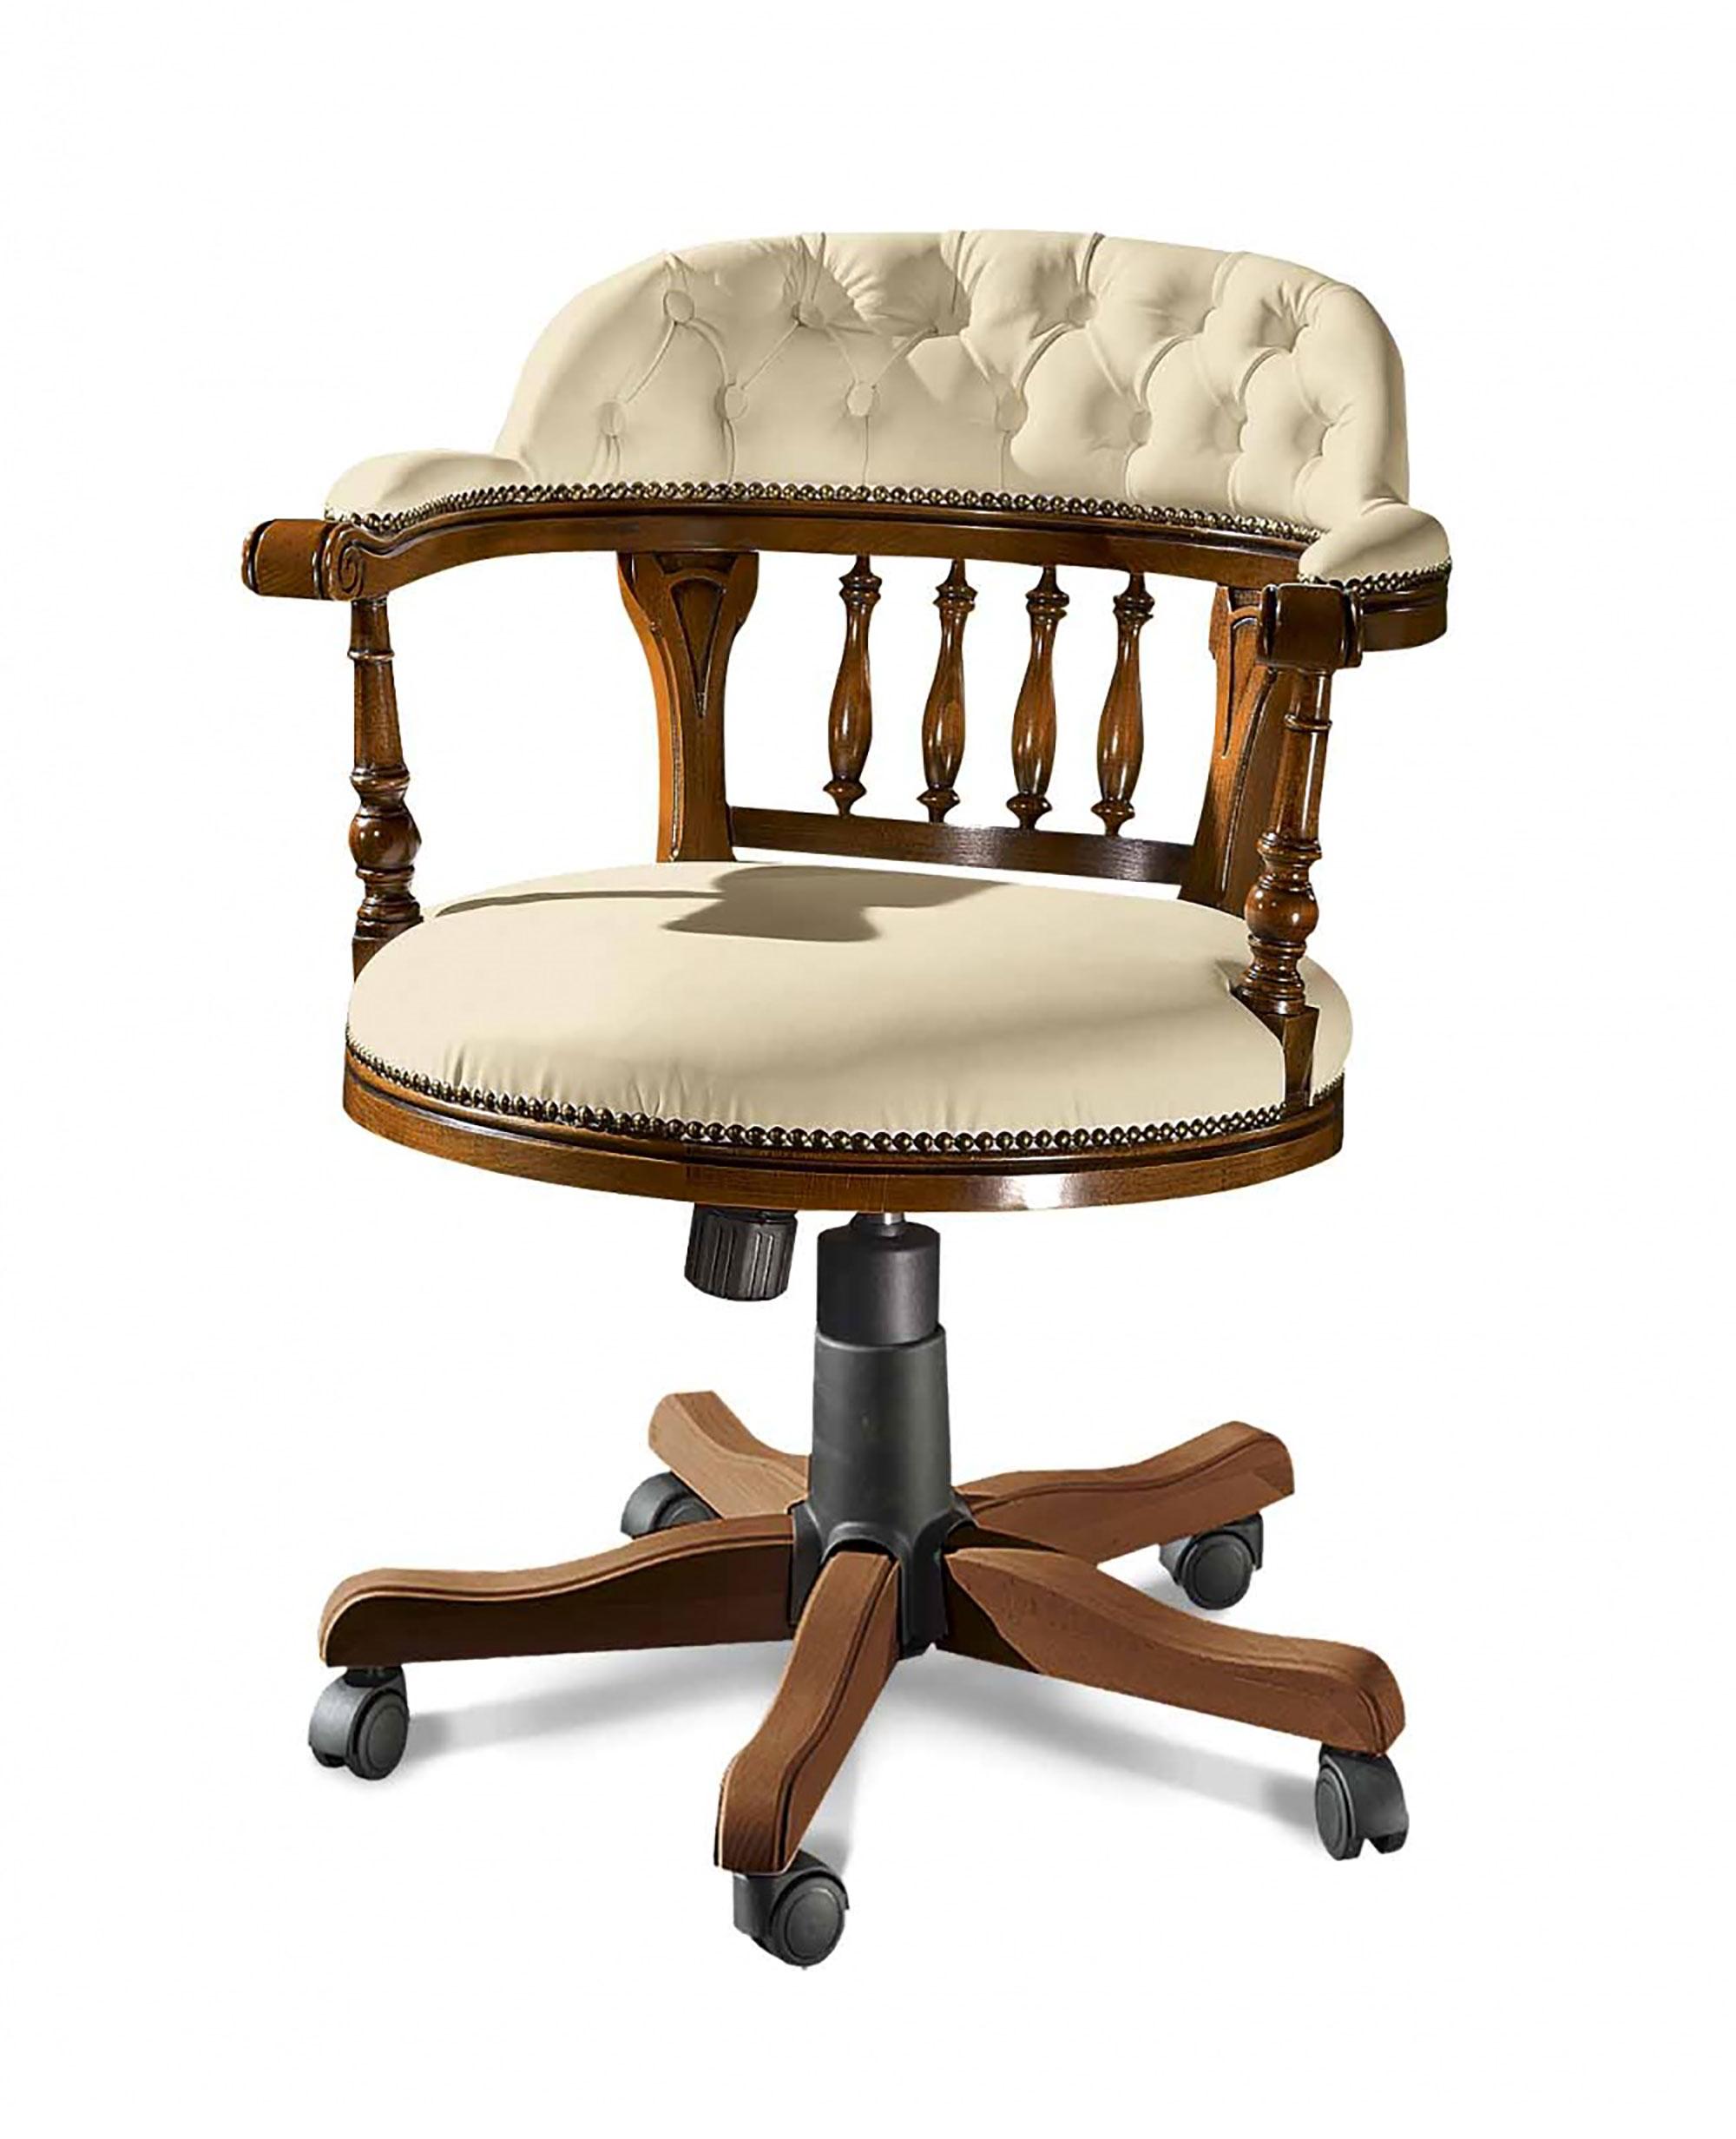 Poltrona girevole da ufficio in legno massello resa comoda e funzionale grazie alla regolazione in altezza della seduta